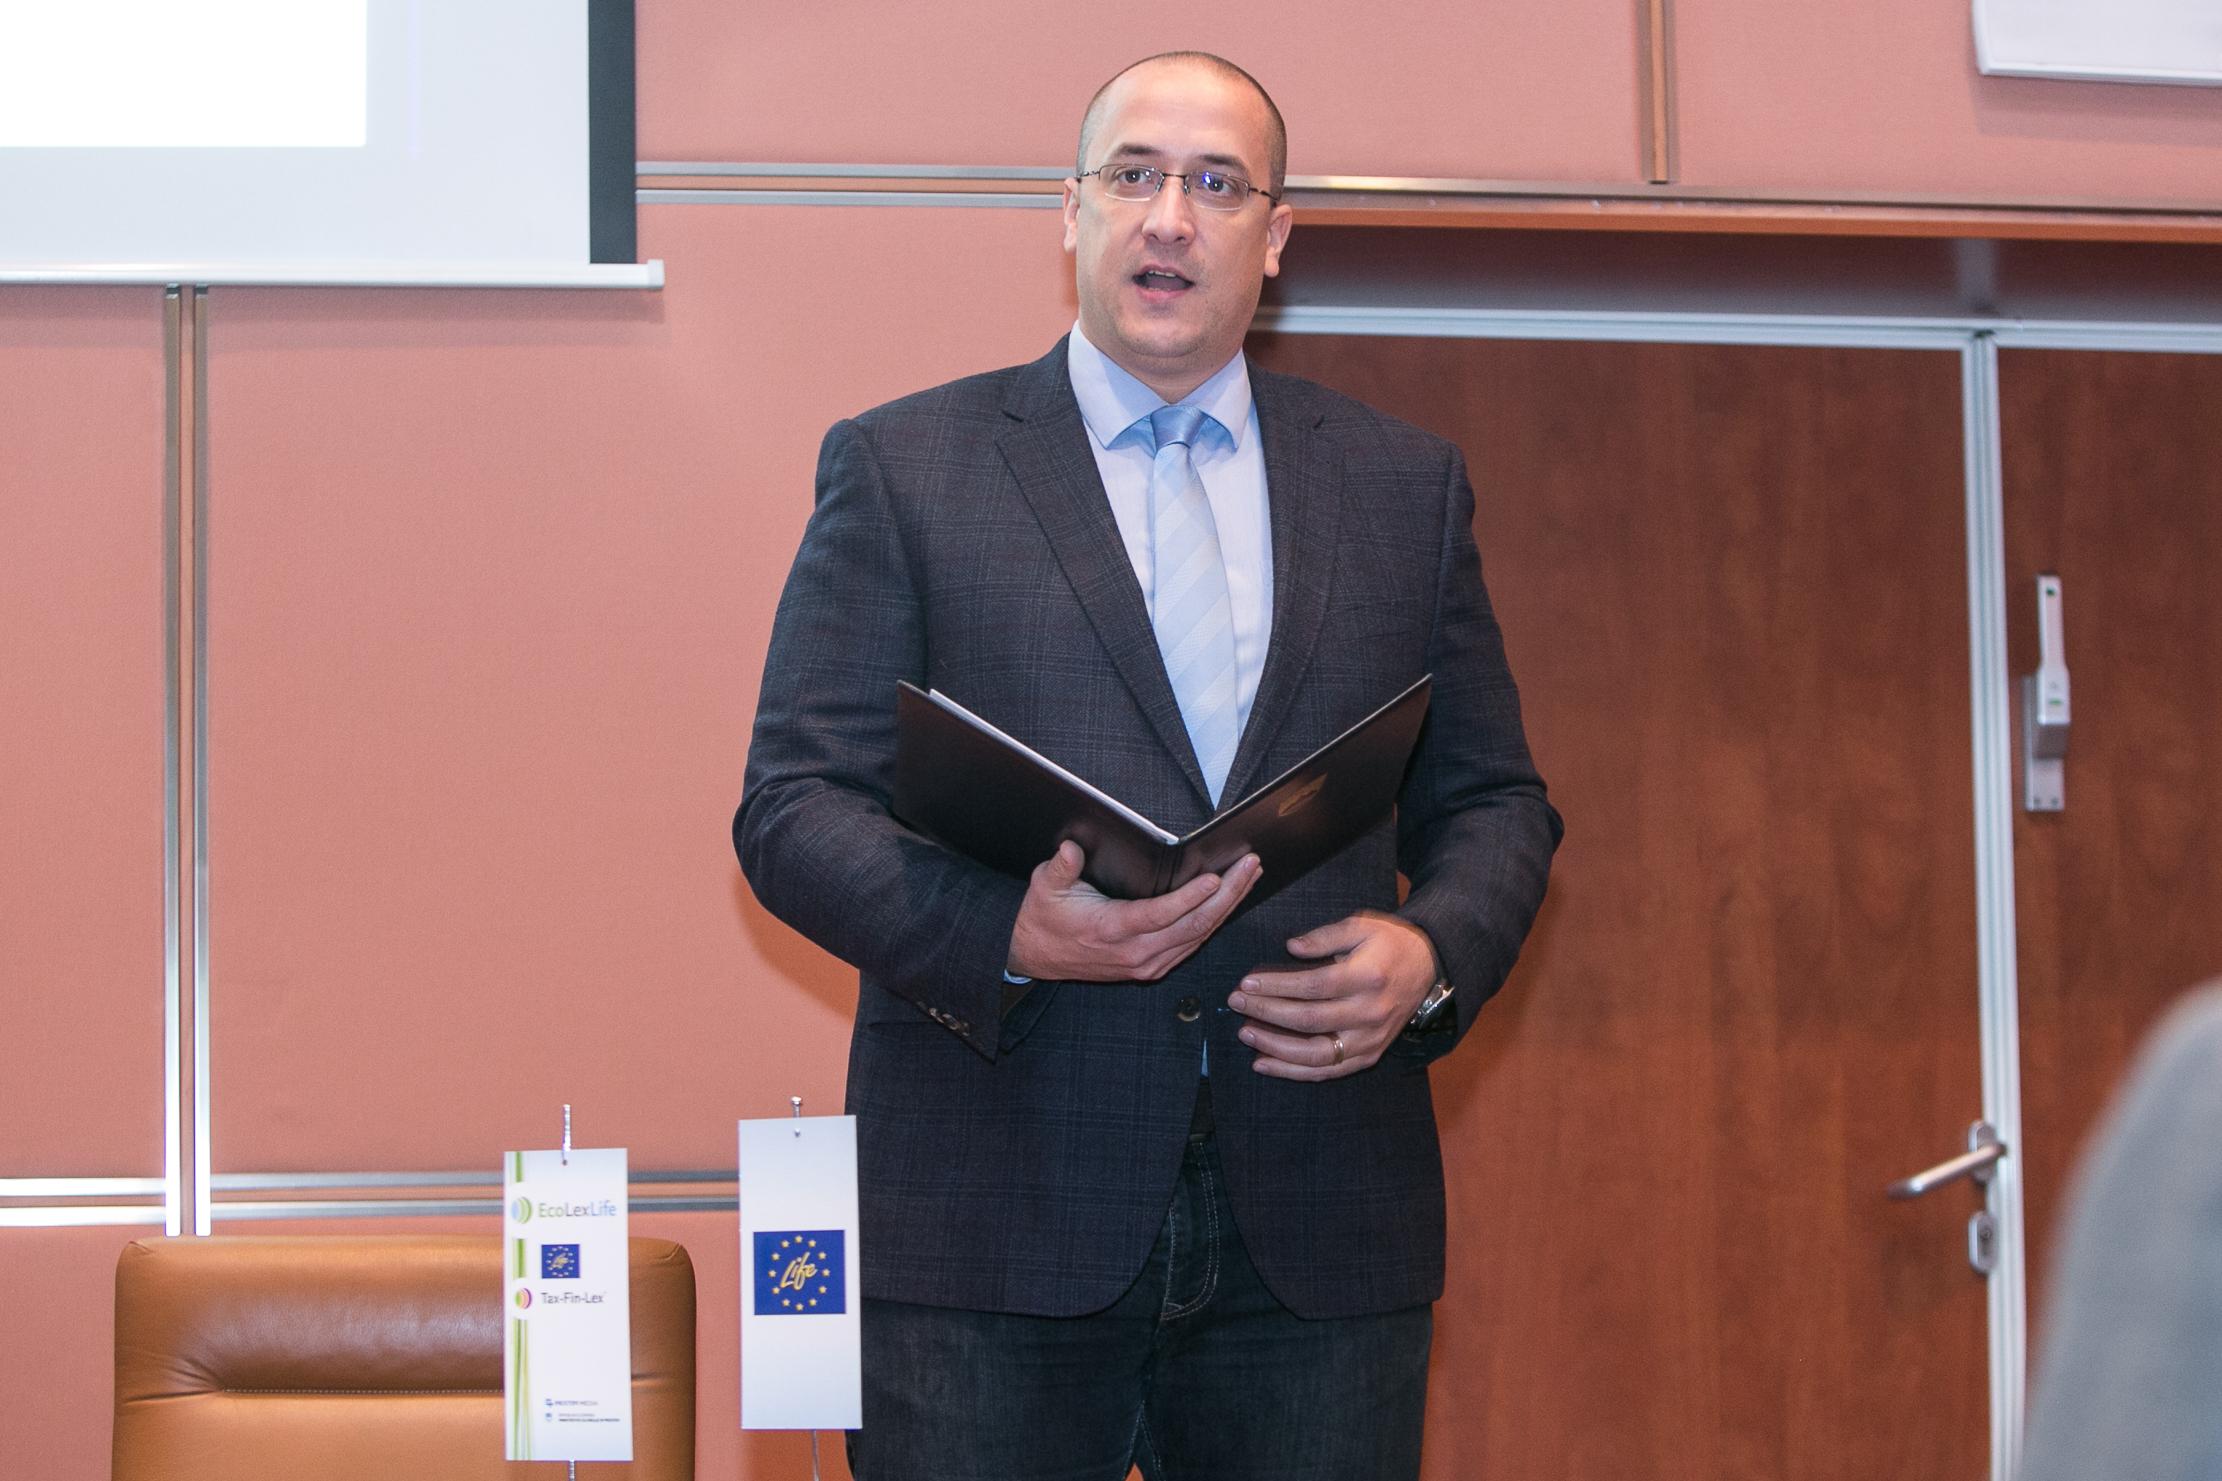 Zbrane na specializirani delavnici »Obvladovanje okoljske odgovornosti« je nagovoril tudi minister za okolje in prostor Jure Leben in izpostavil: »Delavnice kot je današnja izboljšajo učinkovitost okoljskega prava. Z optimizmom me navdaja takšna številčna udeležba. Največji izziv pri ohranjanju zelene Slovenije je namreč ozaveščanje, pri tem ohranjanju pa vsak od nas igra odločilno vlogo. Tu ne mislim le podjetja, ampak mora vsak posameznik prevzeti breme morebitnega onesnaževanja.«